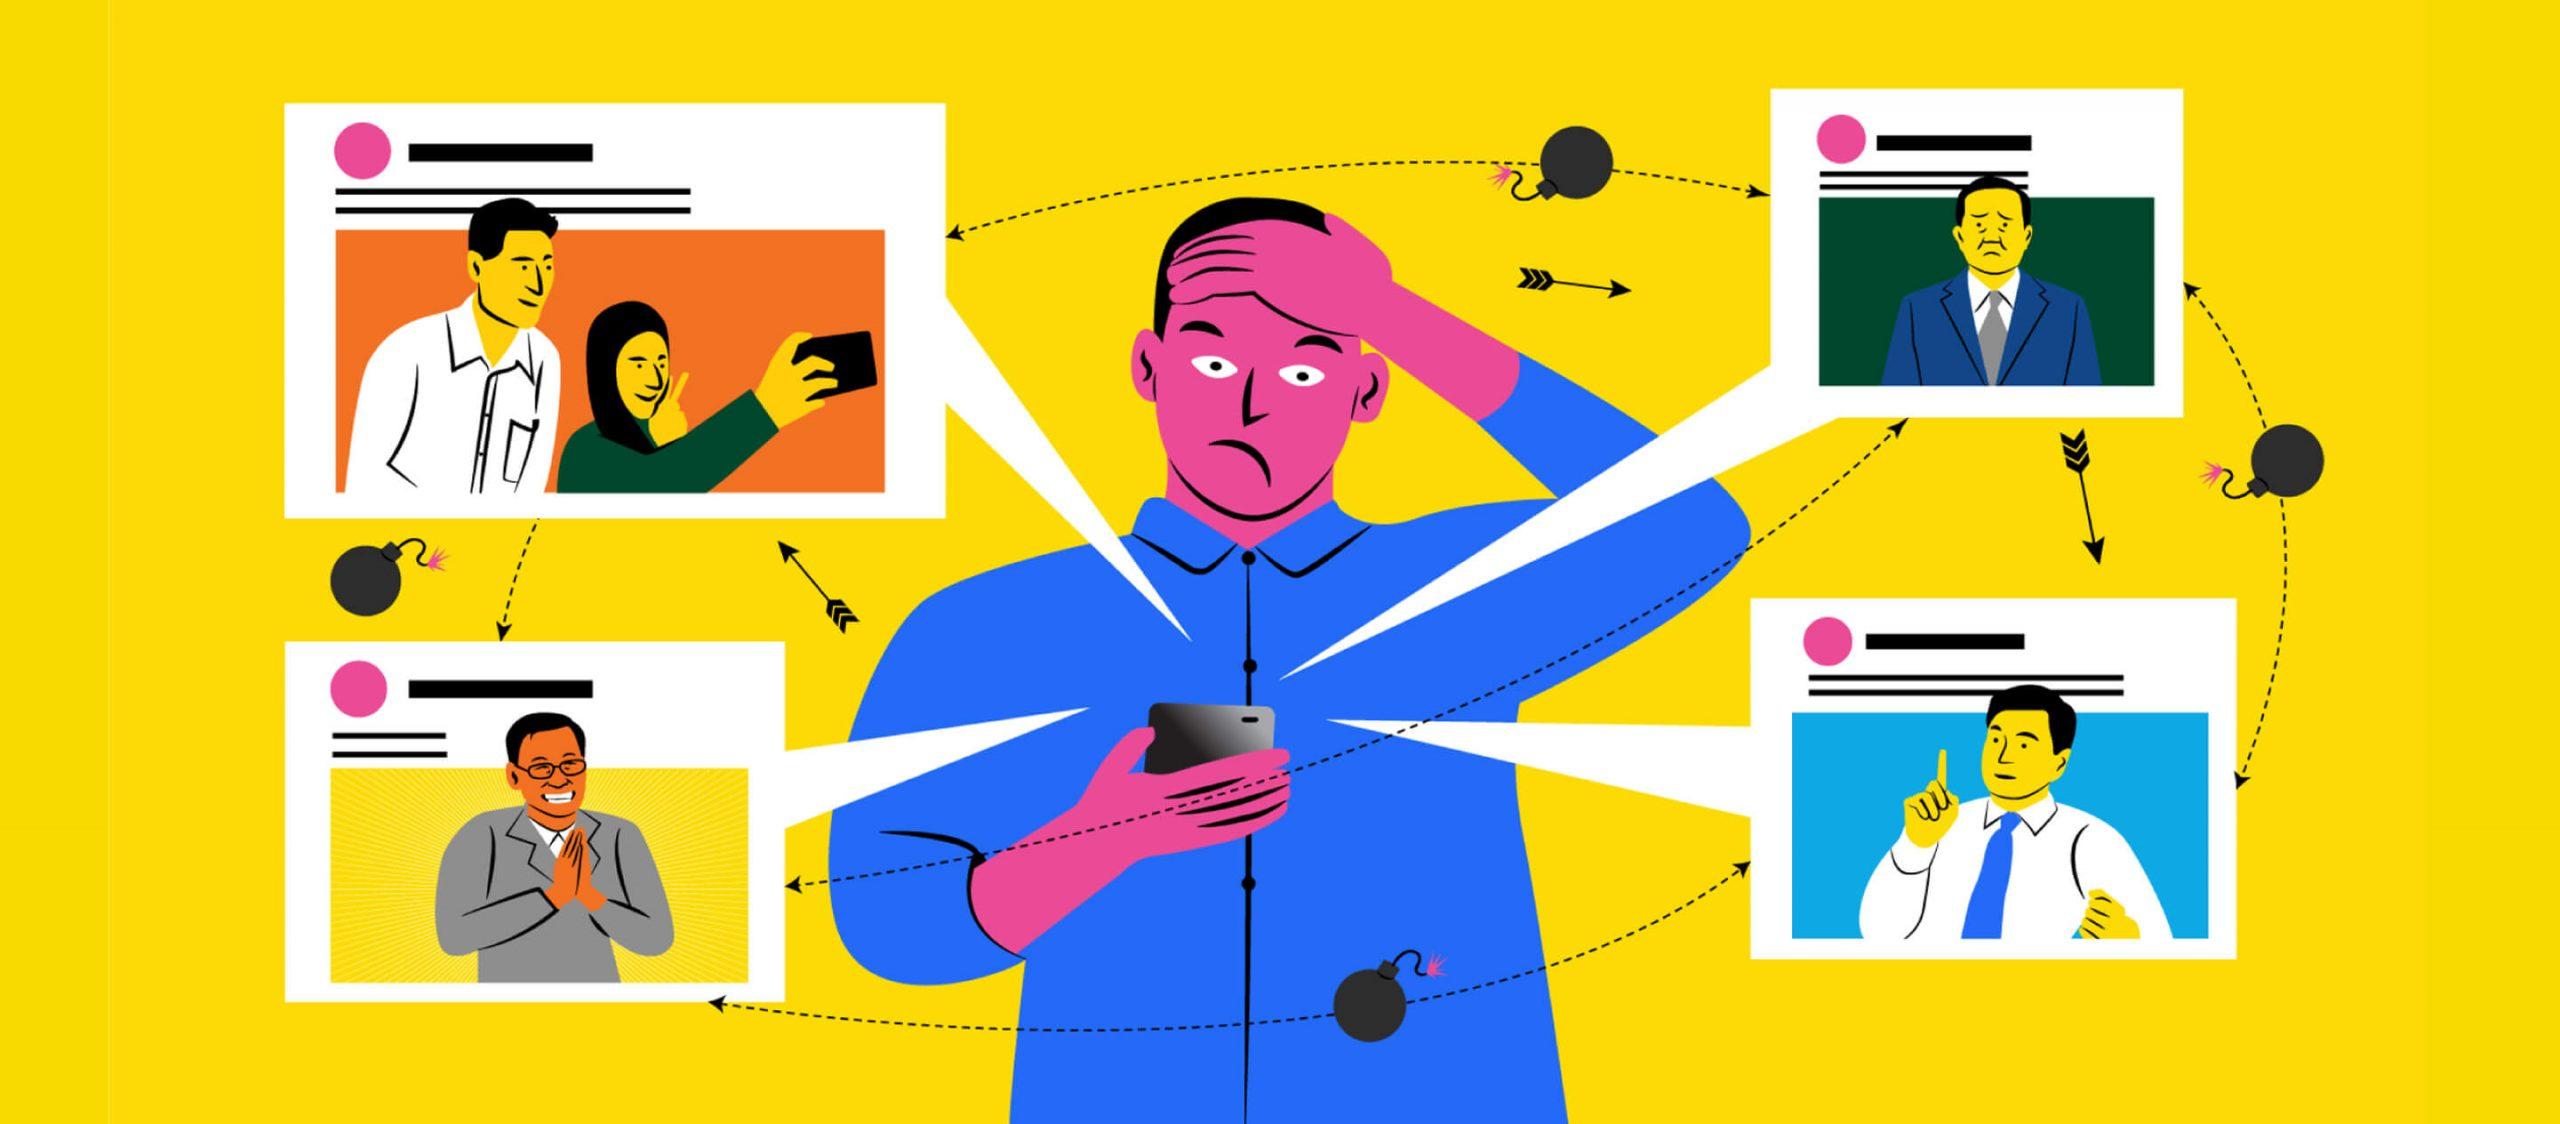 โอกาส การแข่งขัน และดราม่า เมื่อโลกออนไลน์กลายเป็นสนามใหญ่ของการหาเสียง